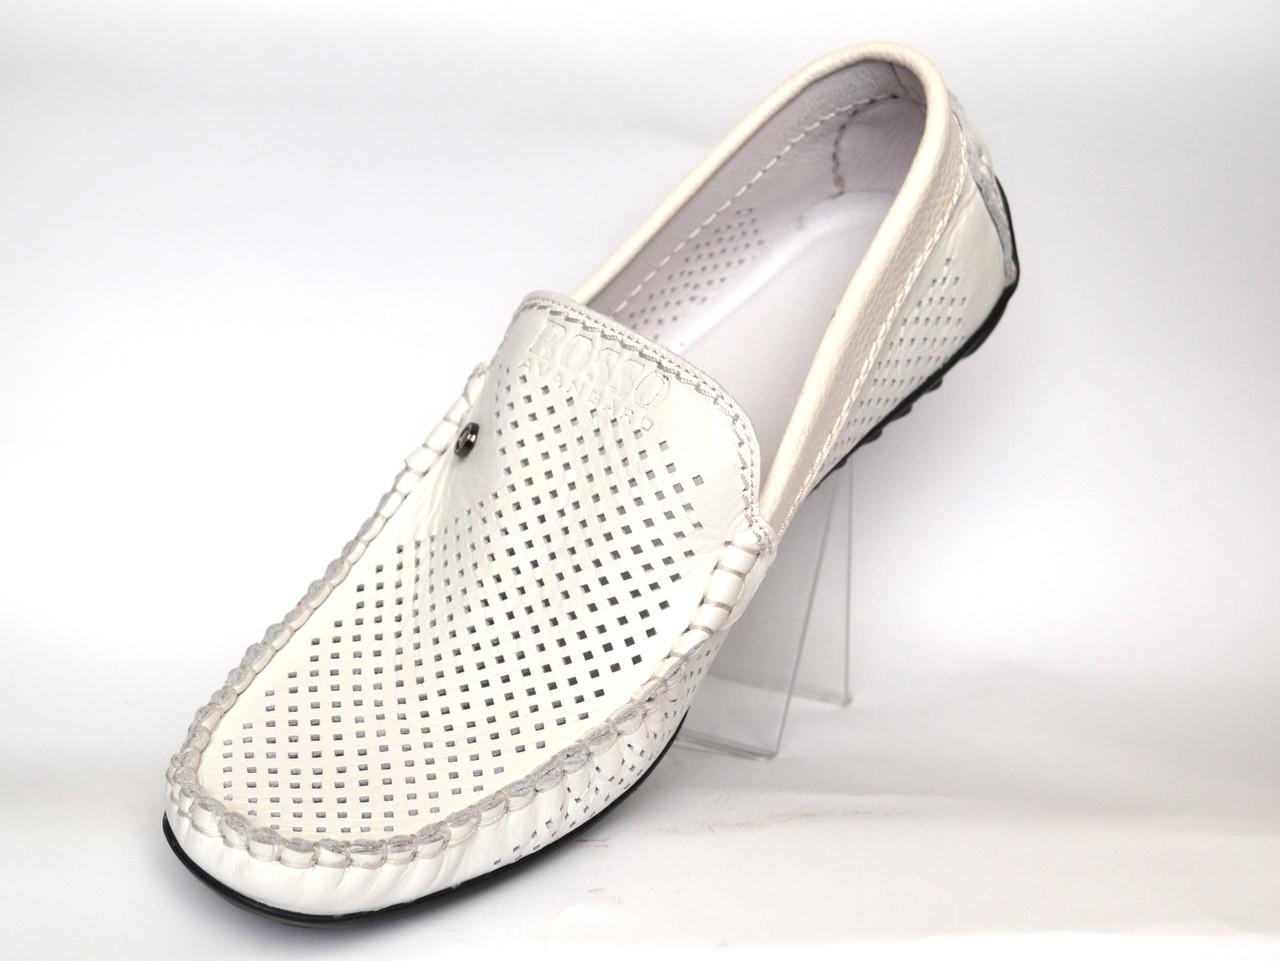 Обувь больших размеров мжская летние мокасины кожаные белые перфорированные Rosso Avangard BS PerfWhite